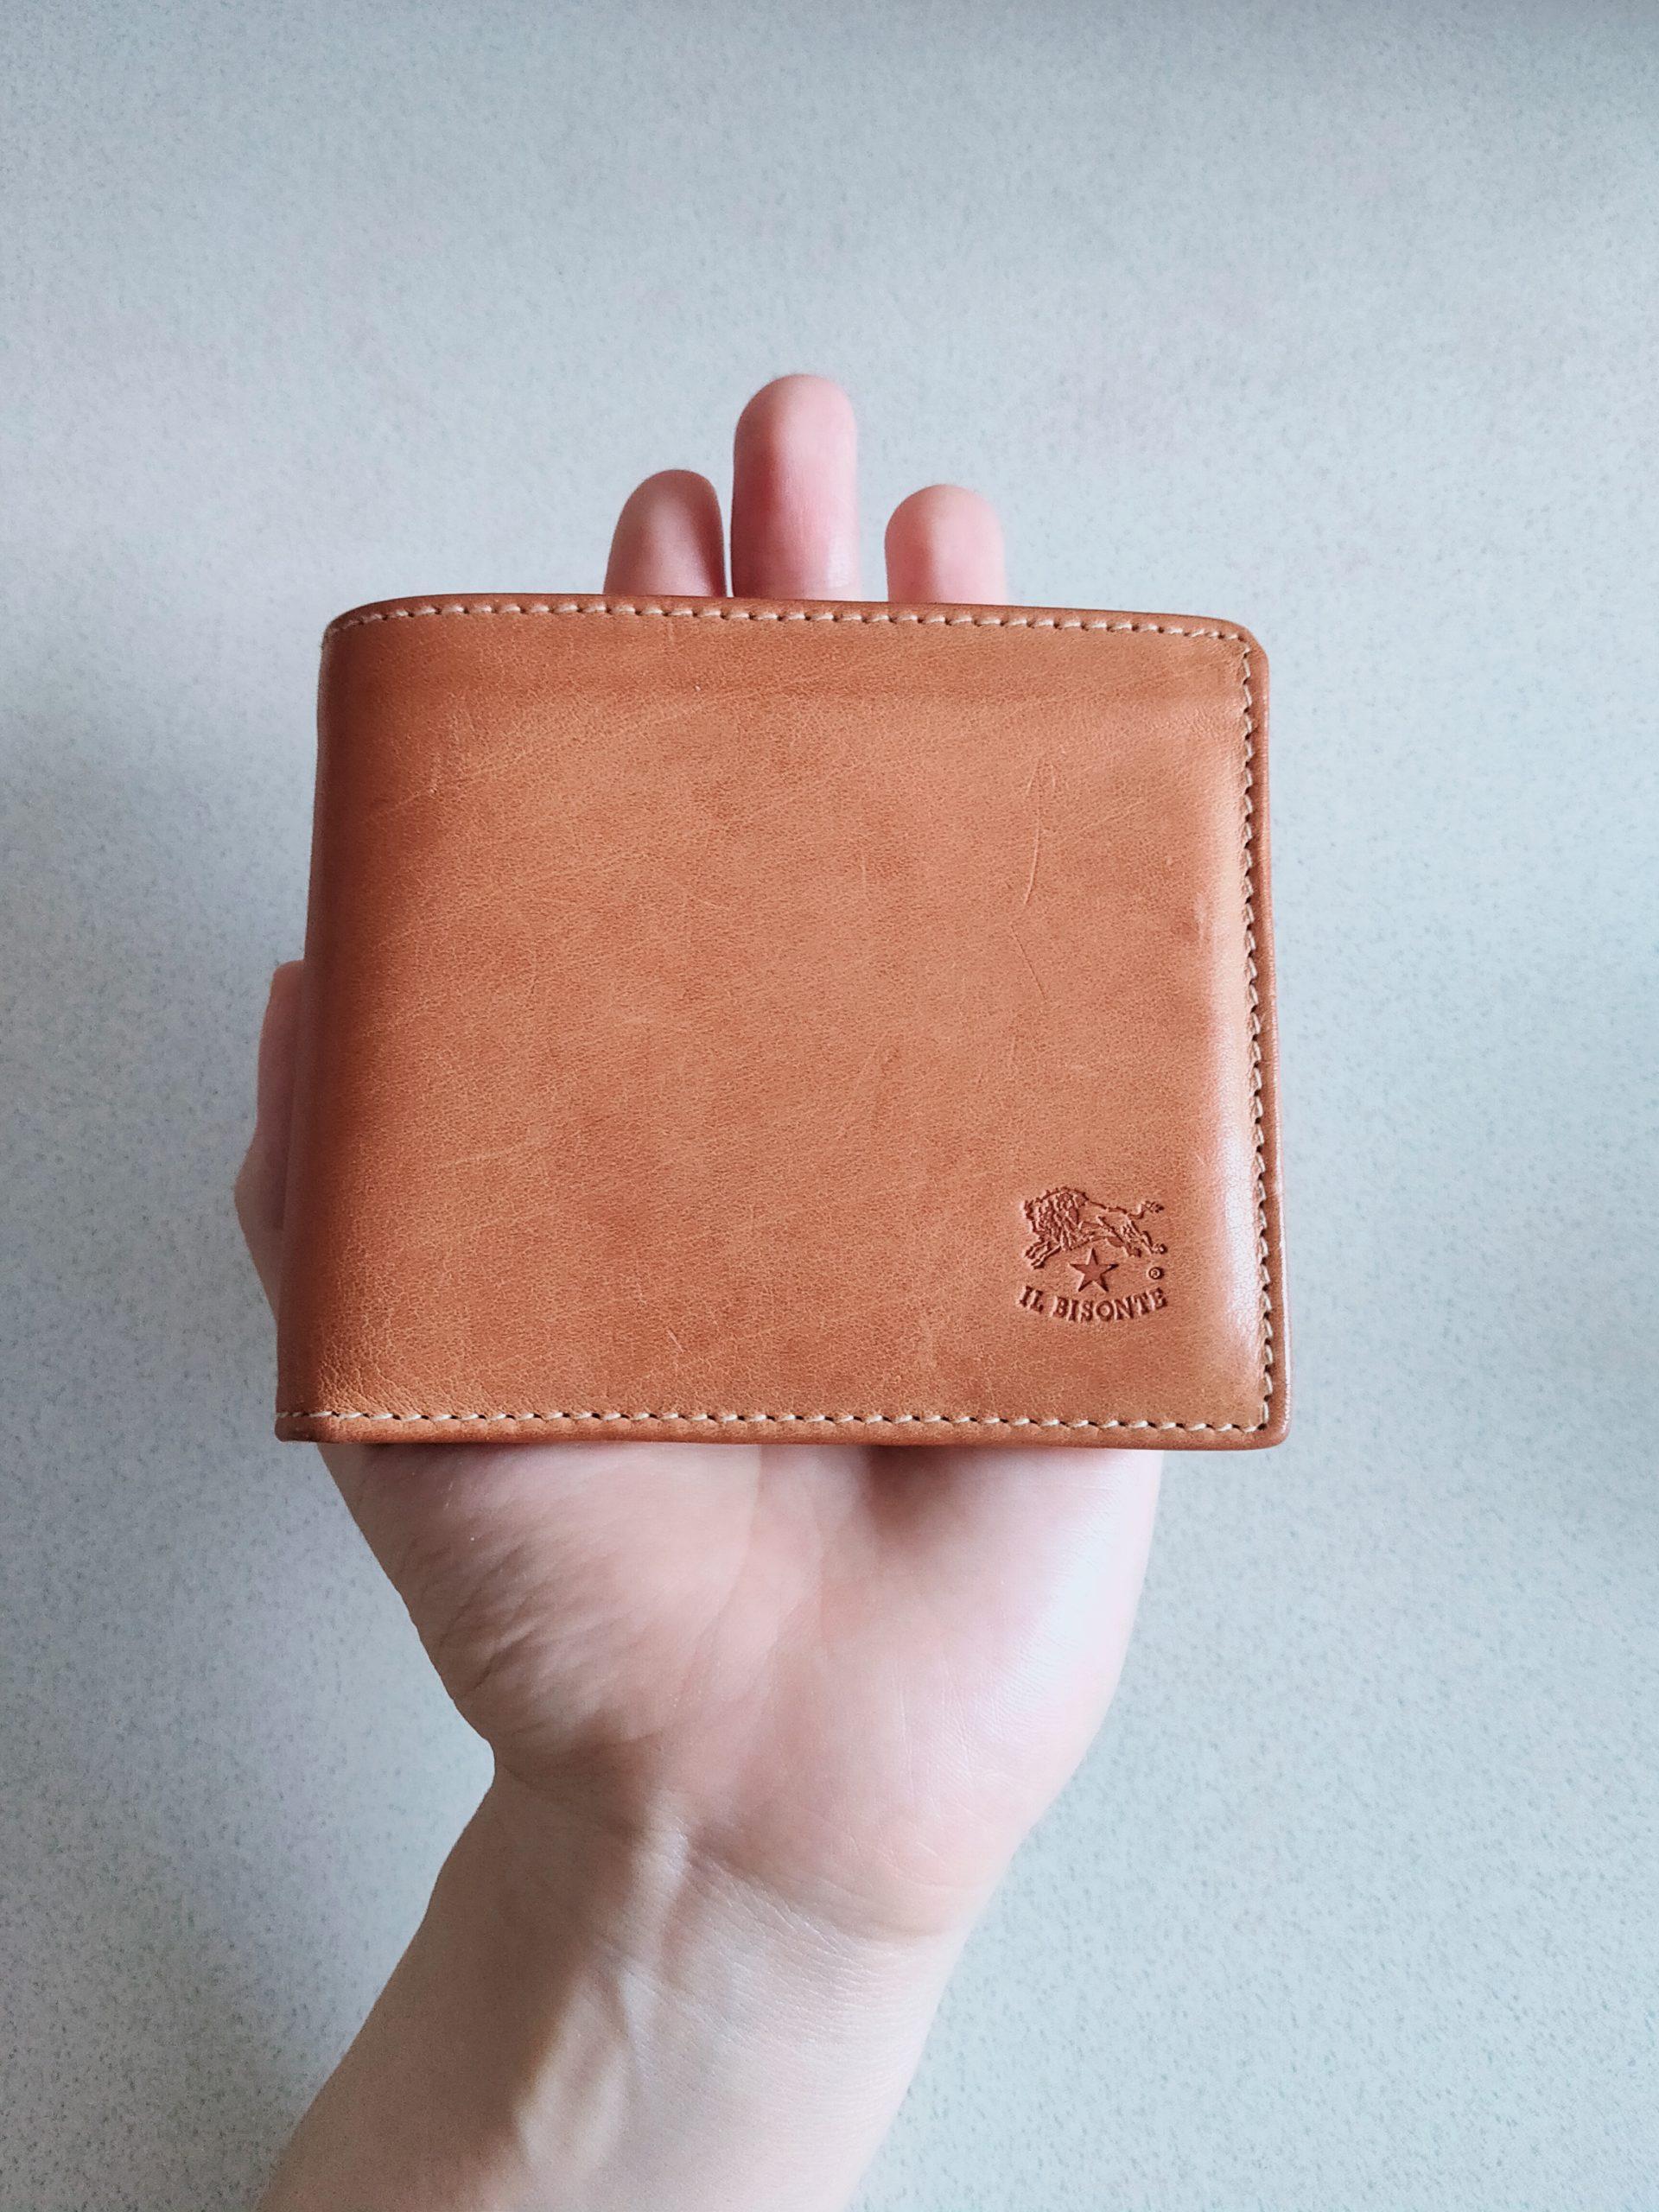 【ミニマリストおすすめ】イルビゾンテ二つ折り財布は最高です【レビュー】